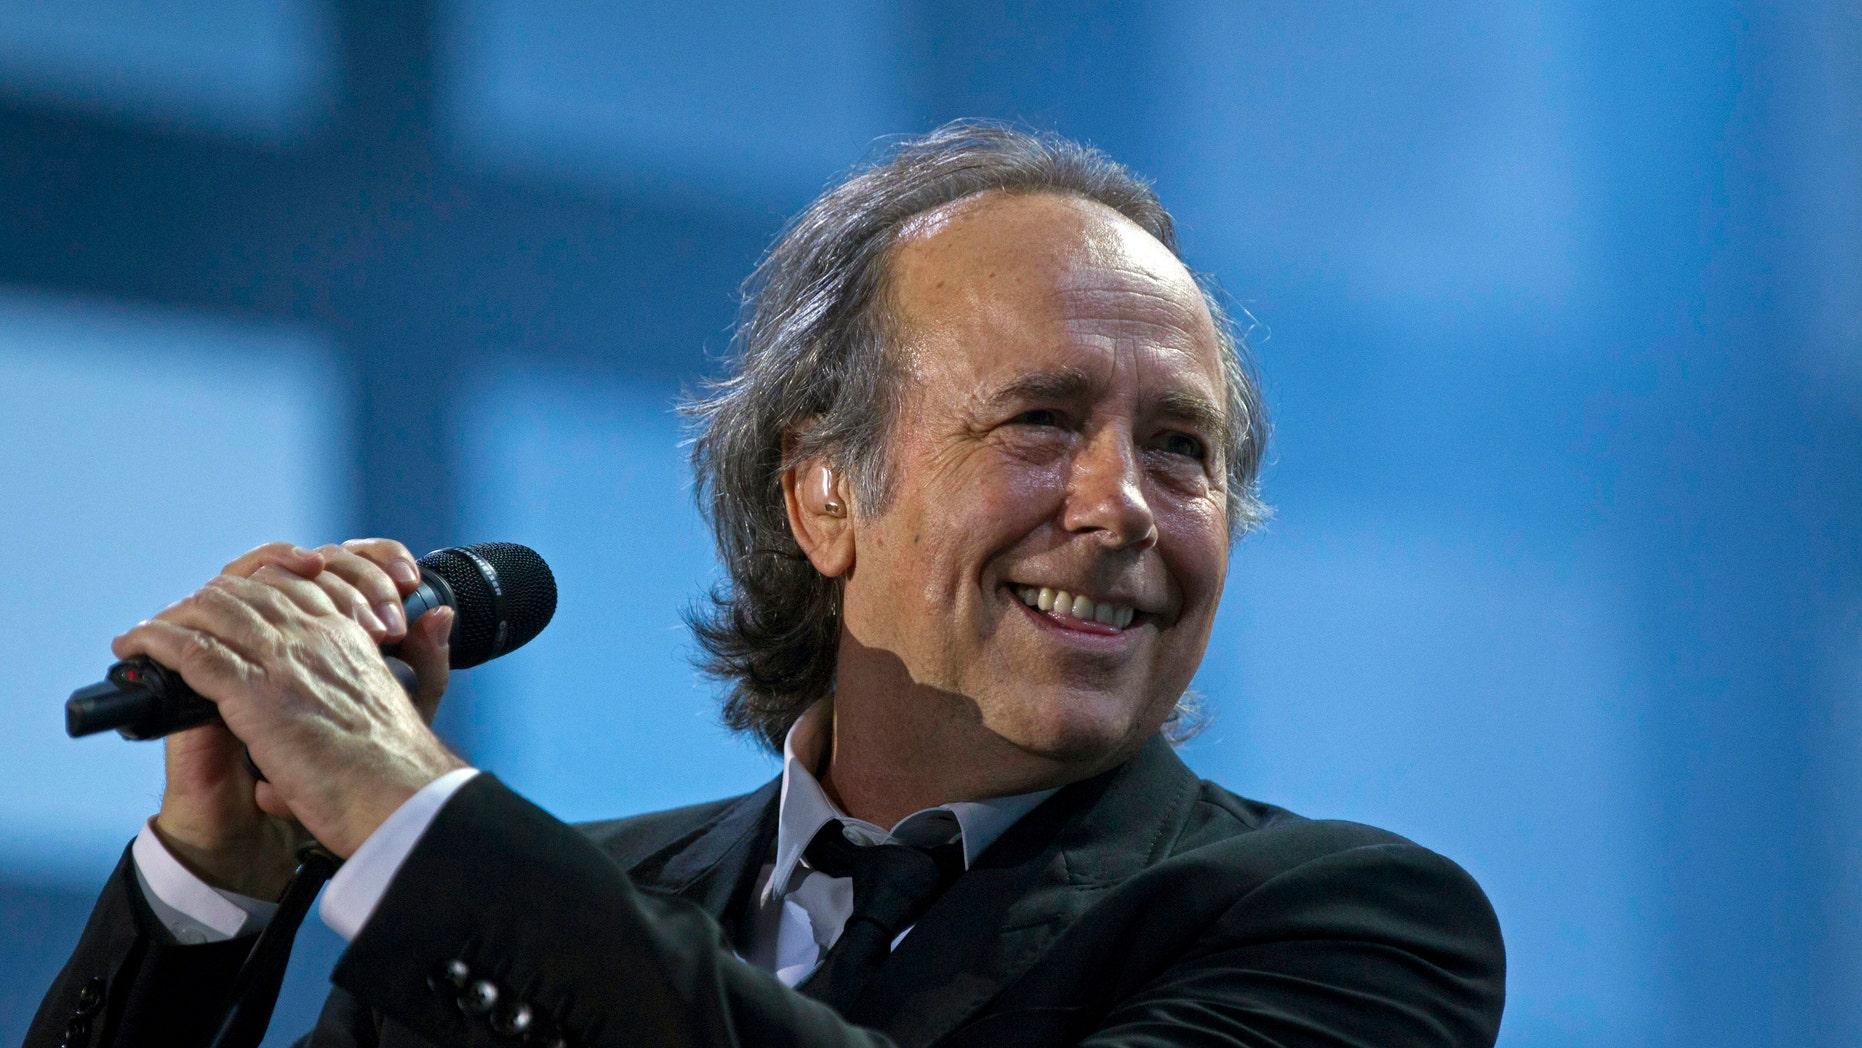 Joan Manuel Serrat in a March 2012 file photo.